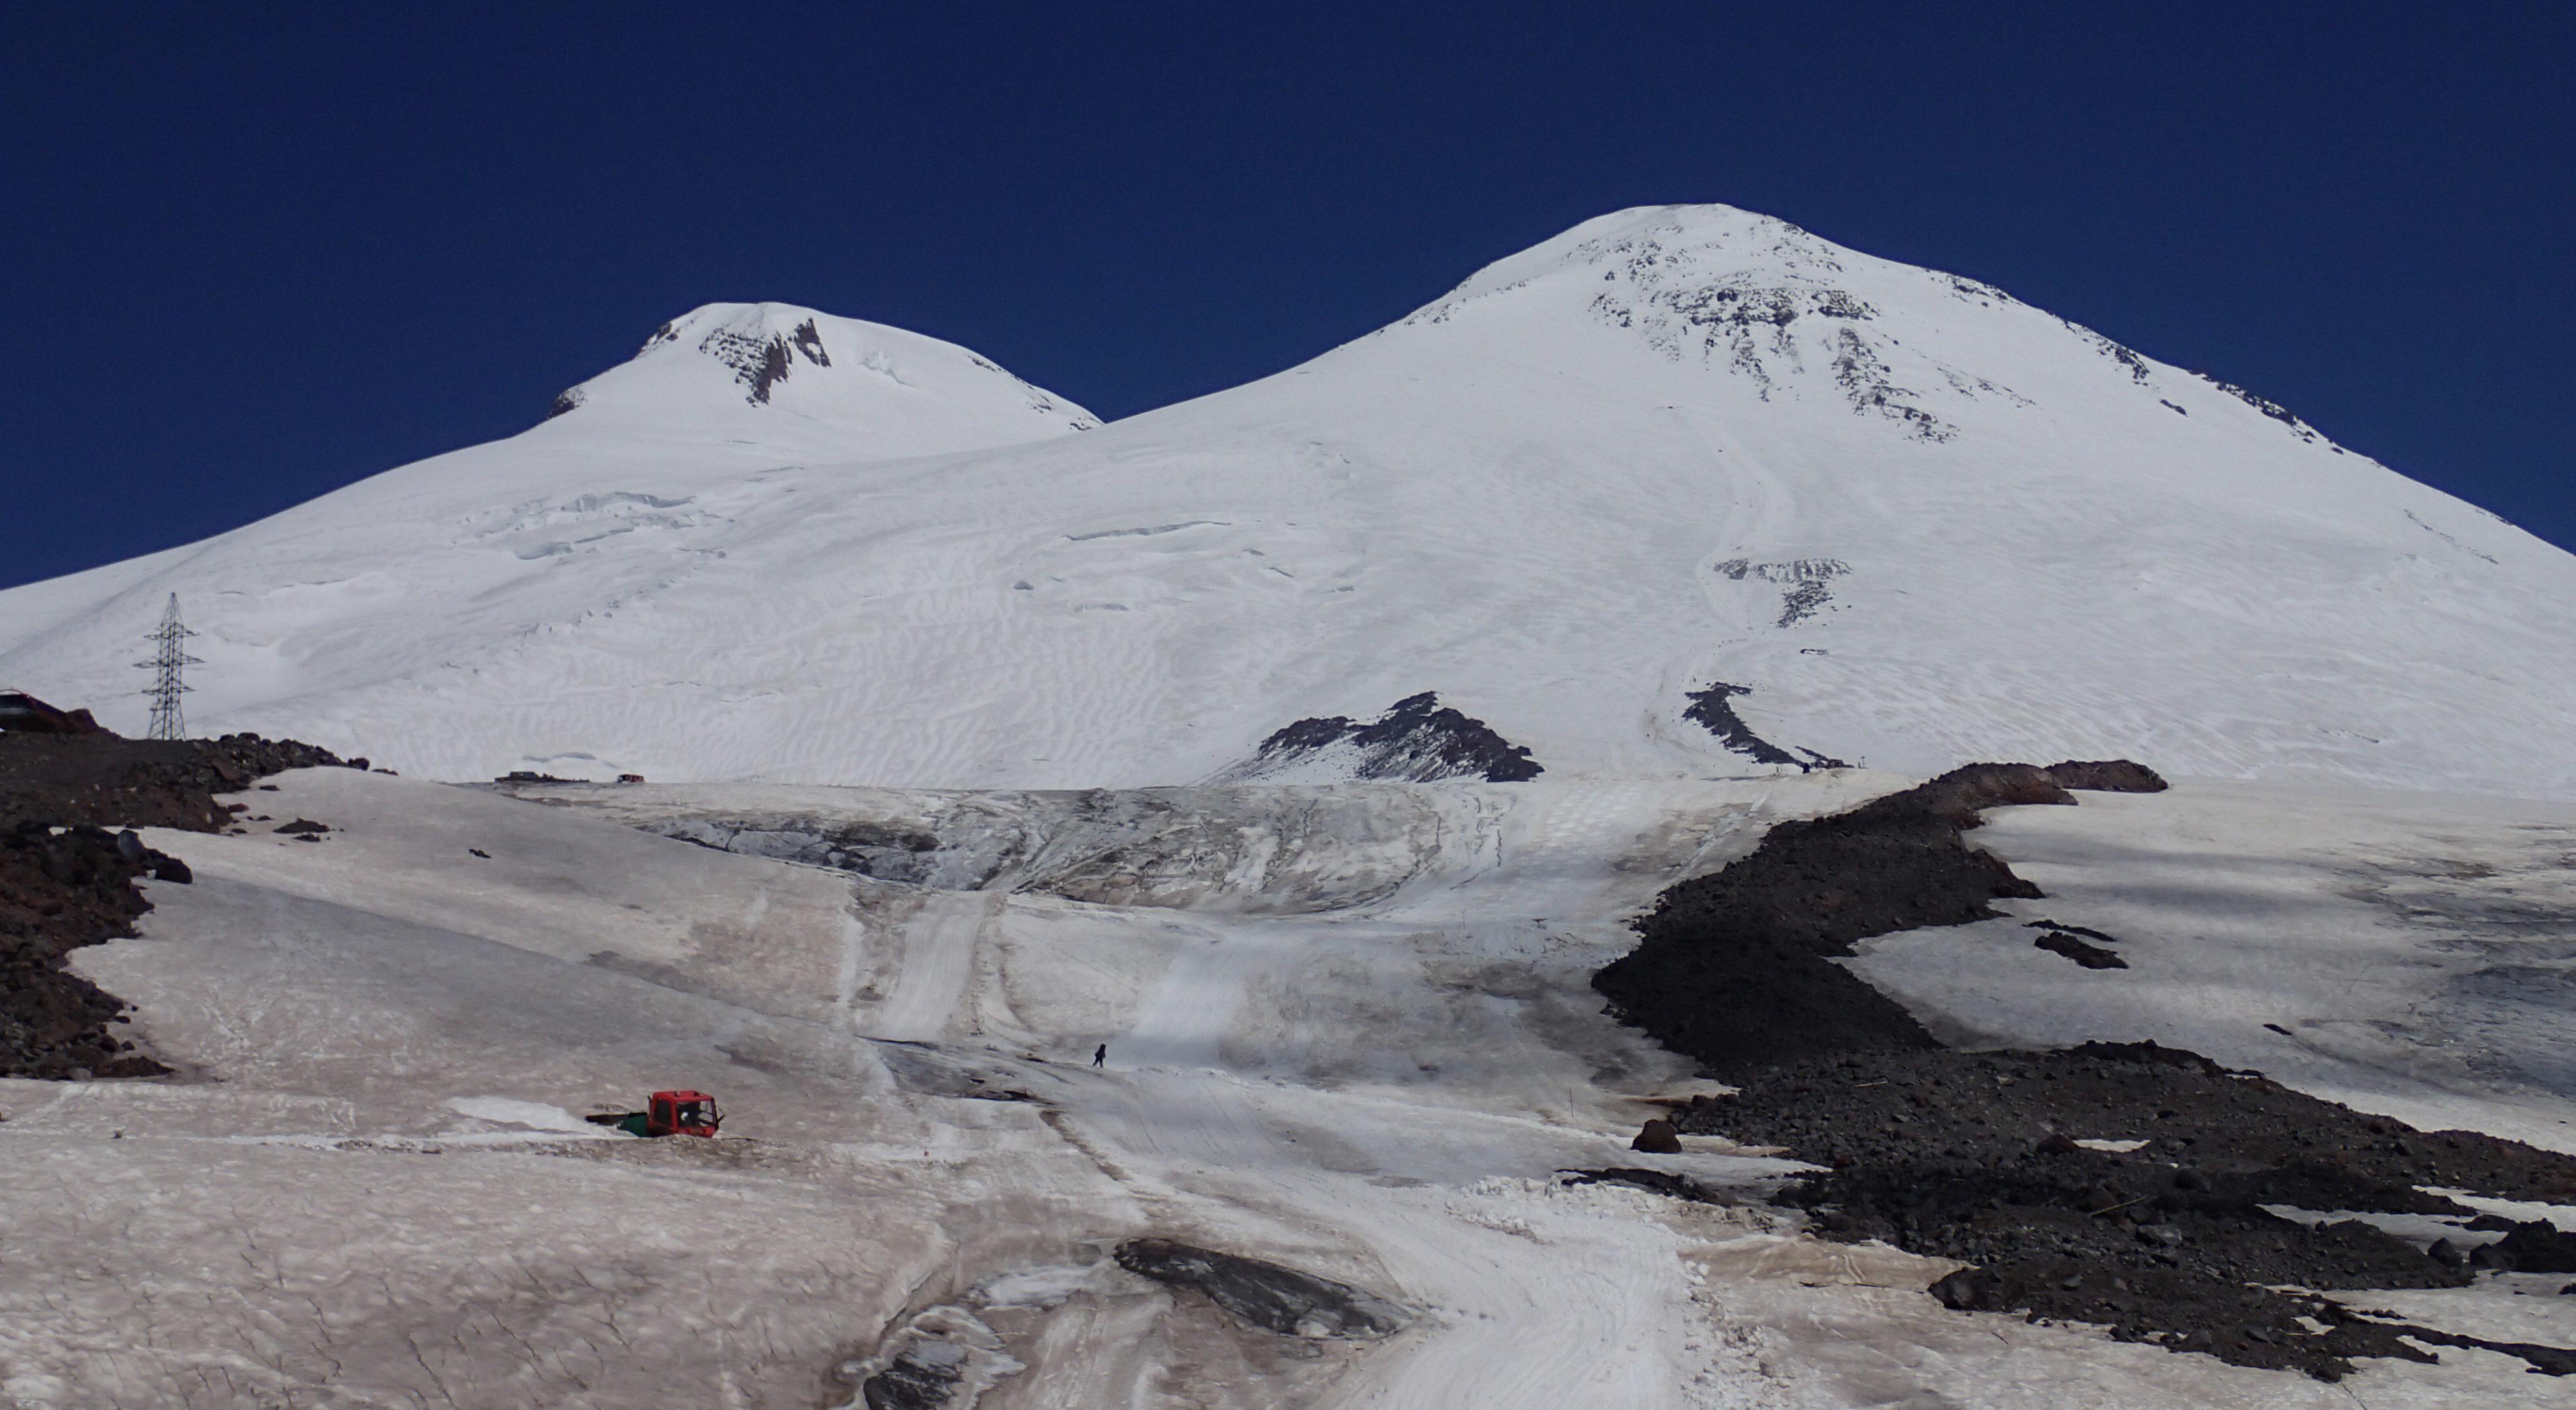 ロシア/エルブルース(5,642m)登頂&滑降10日間